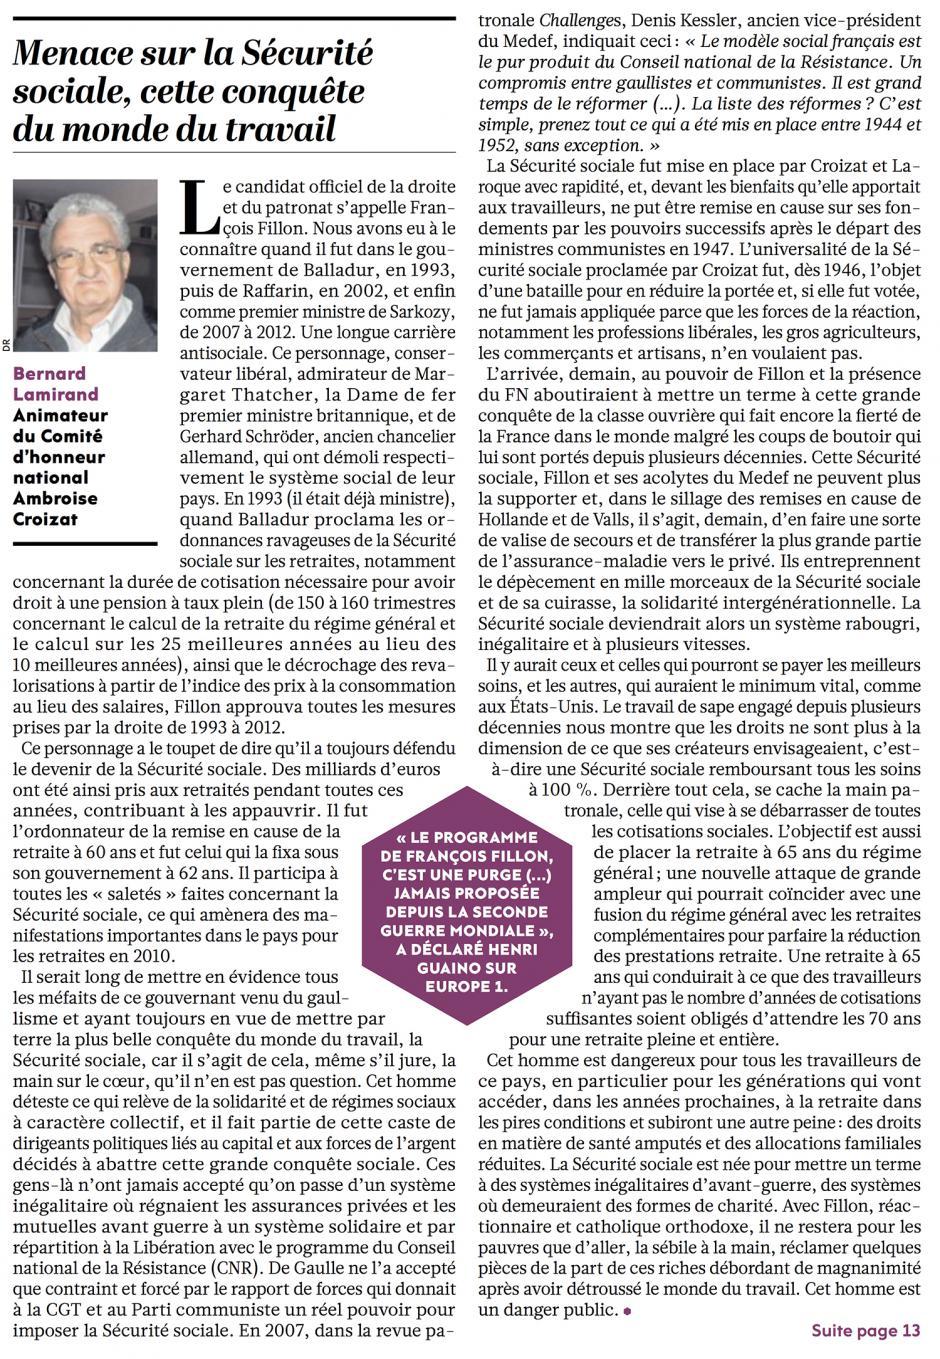 20170104-L'Huma-Bernard Lamirand : « Menace sur la Sécurité sociale, cette conquête du monde du travail »